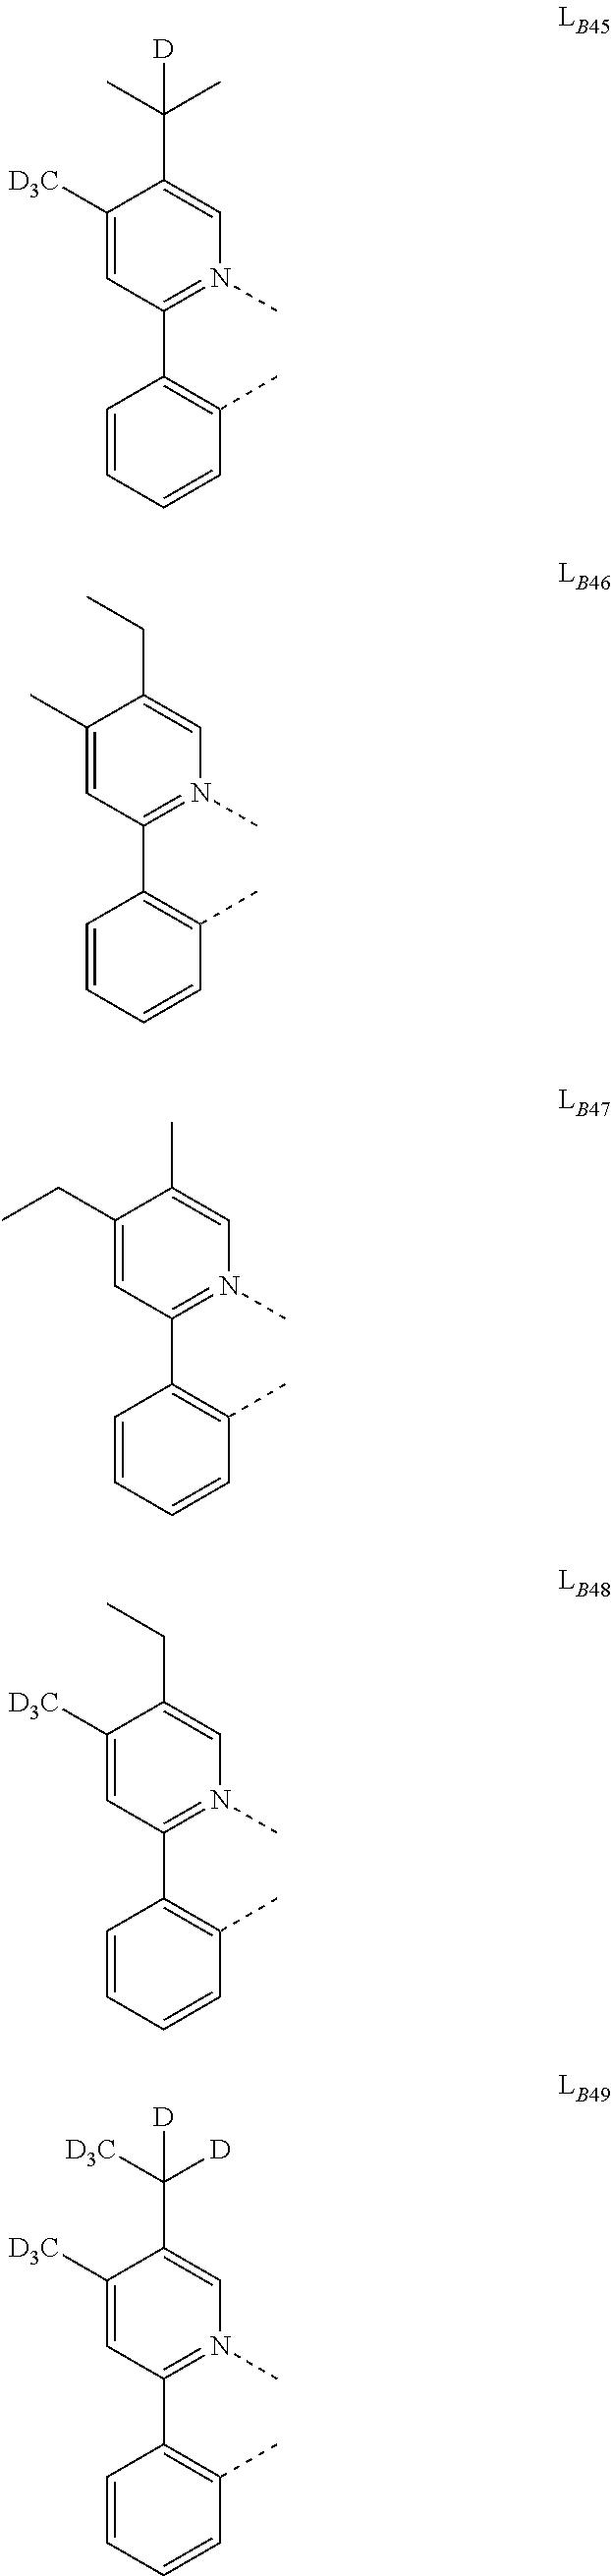 Figure US09929360-20180327-C00225